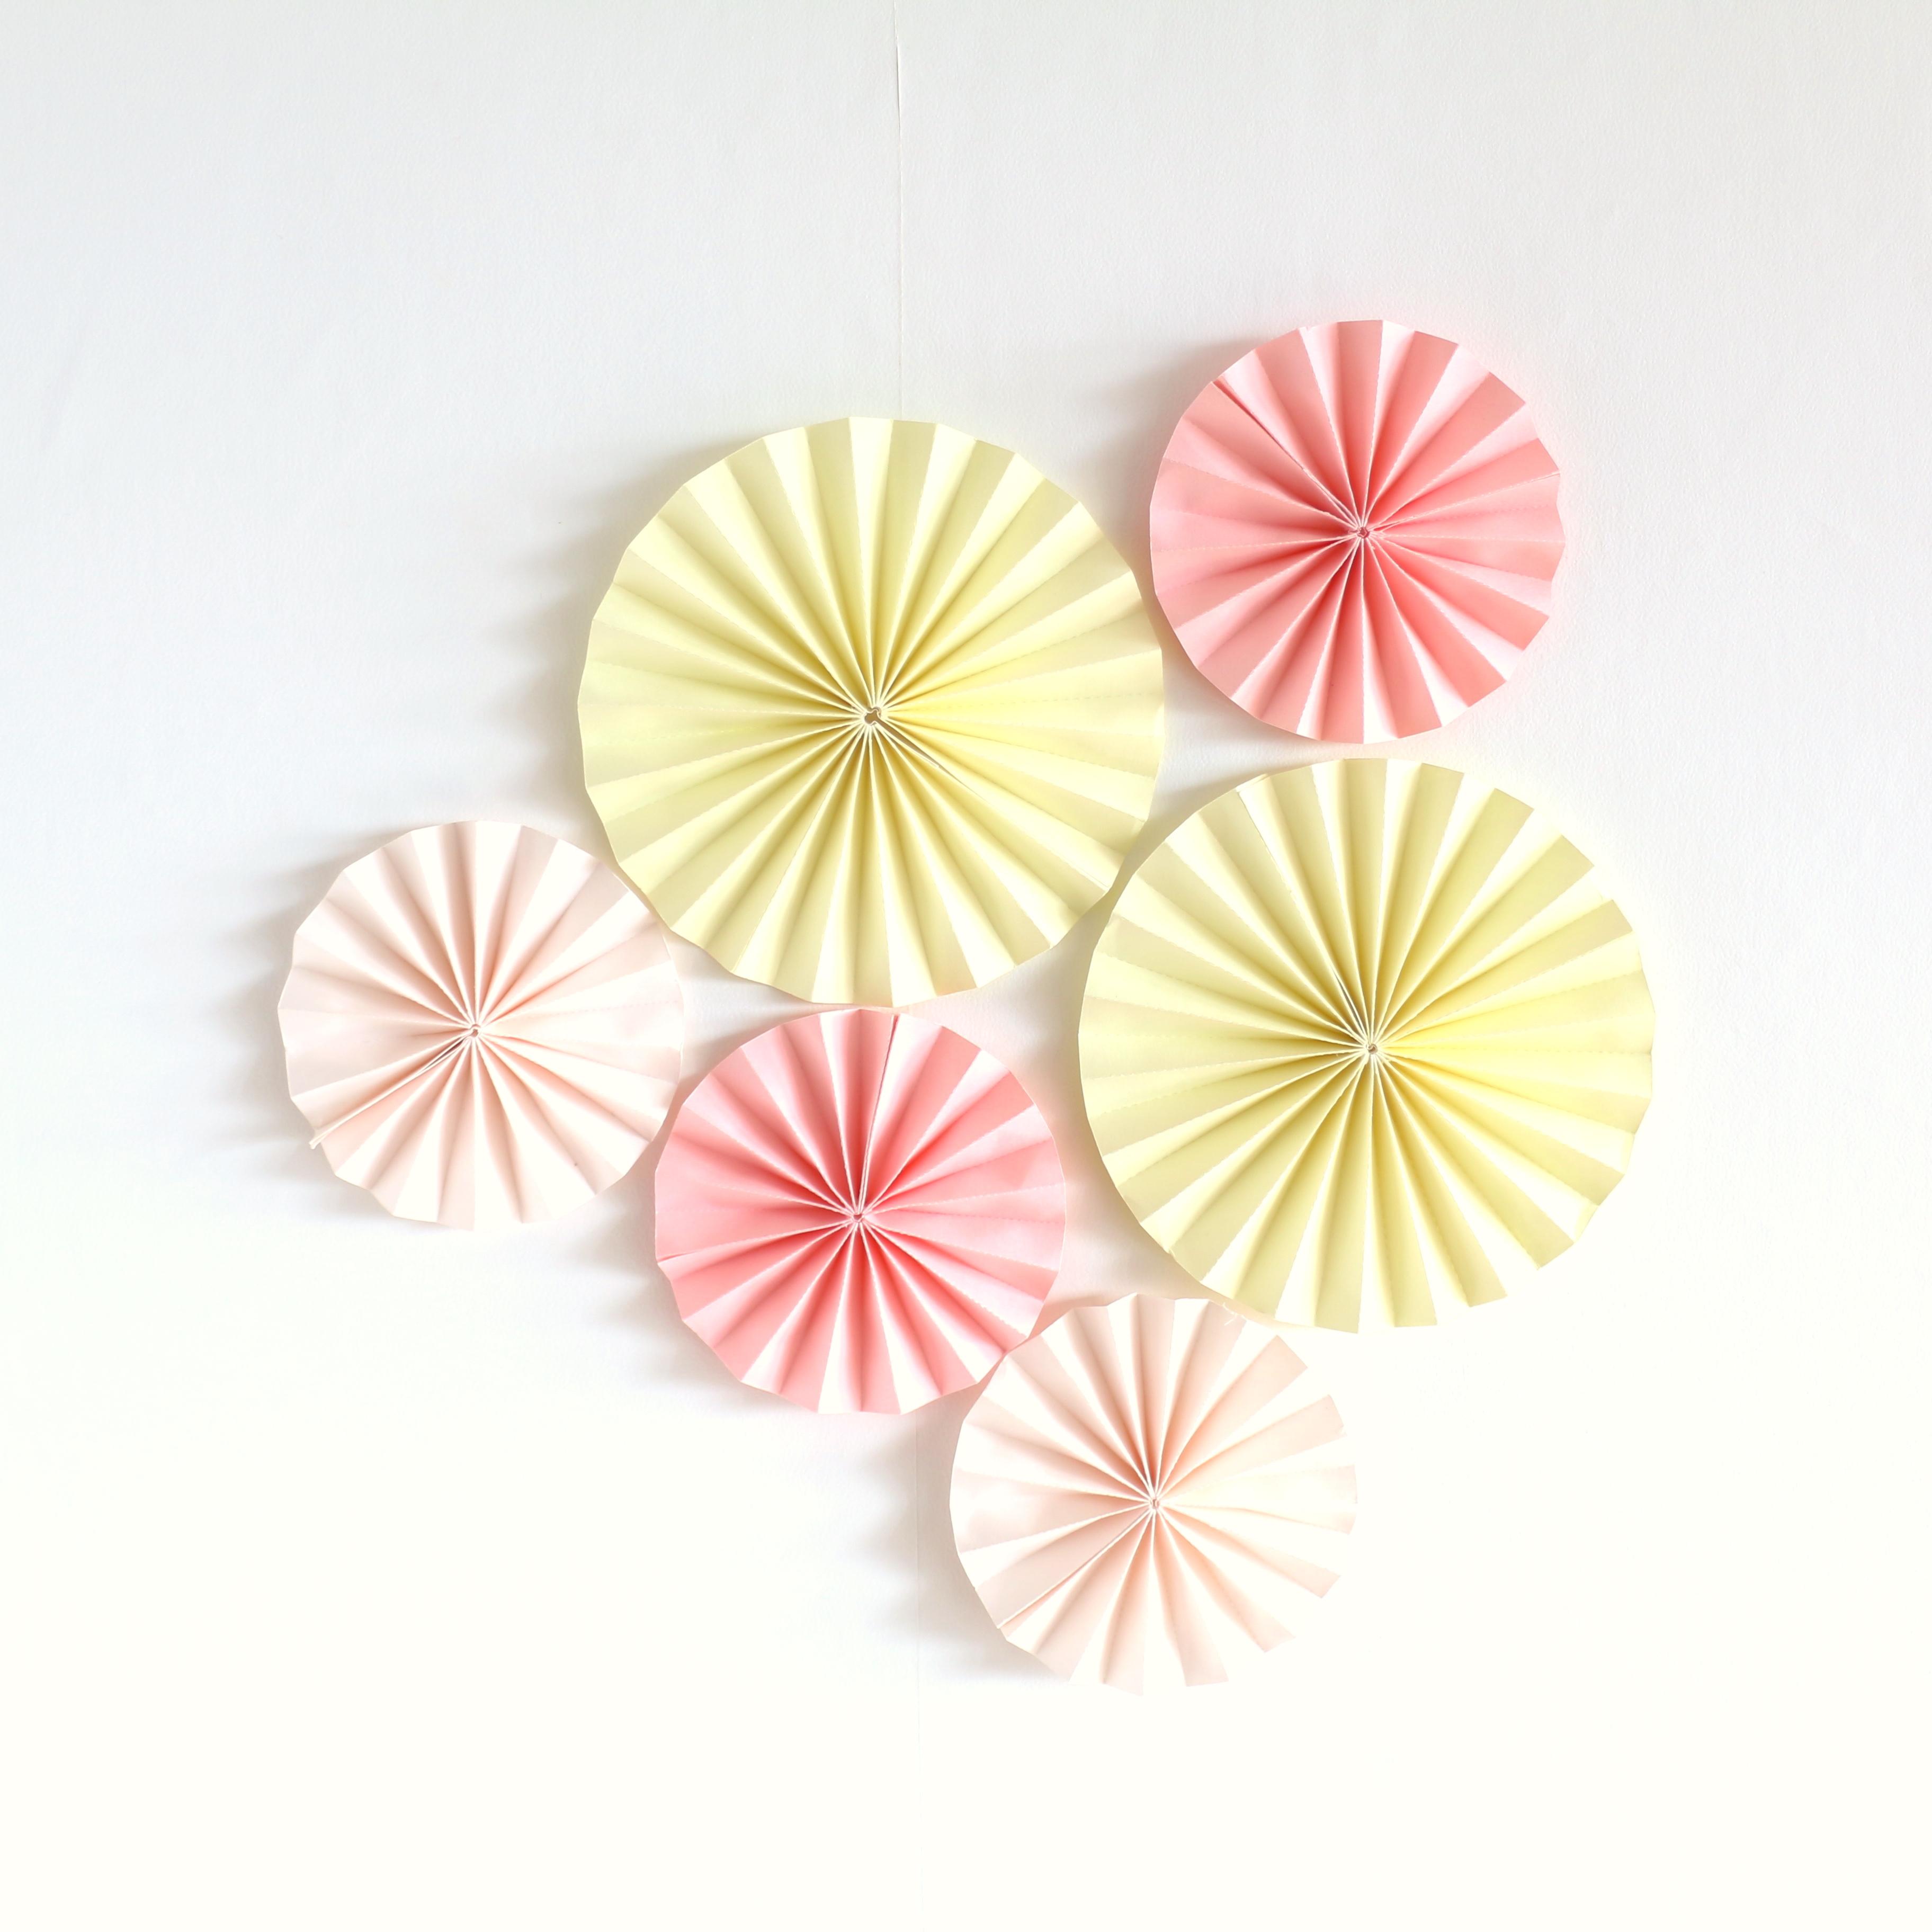 【全2カラー】ペーパーファン6個セット 誕生日 飾り付け デコレーション